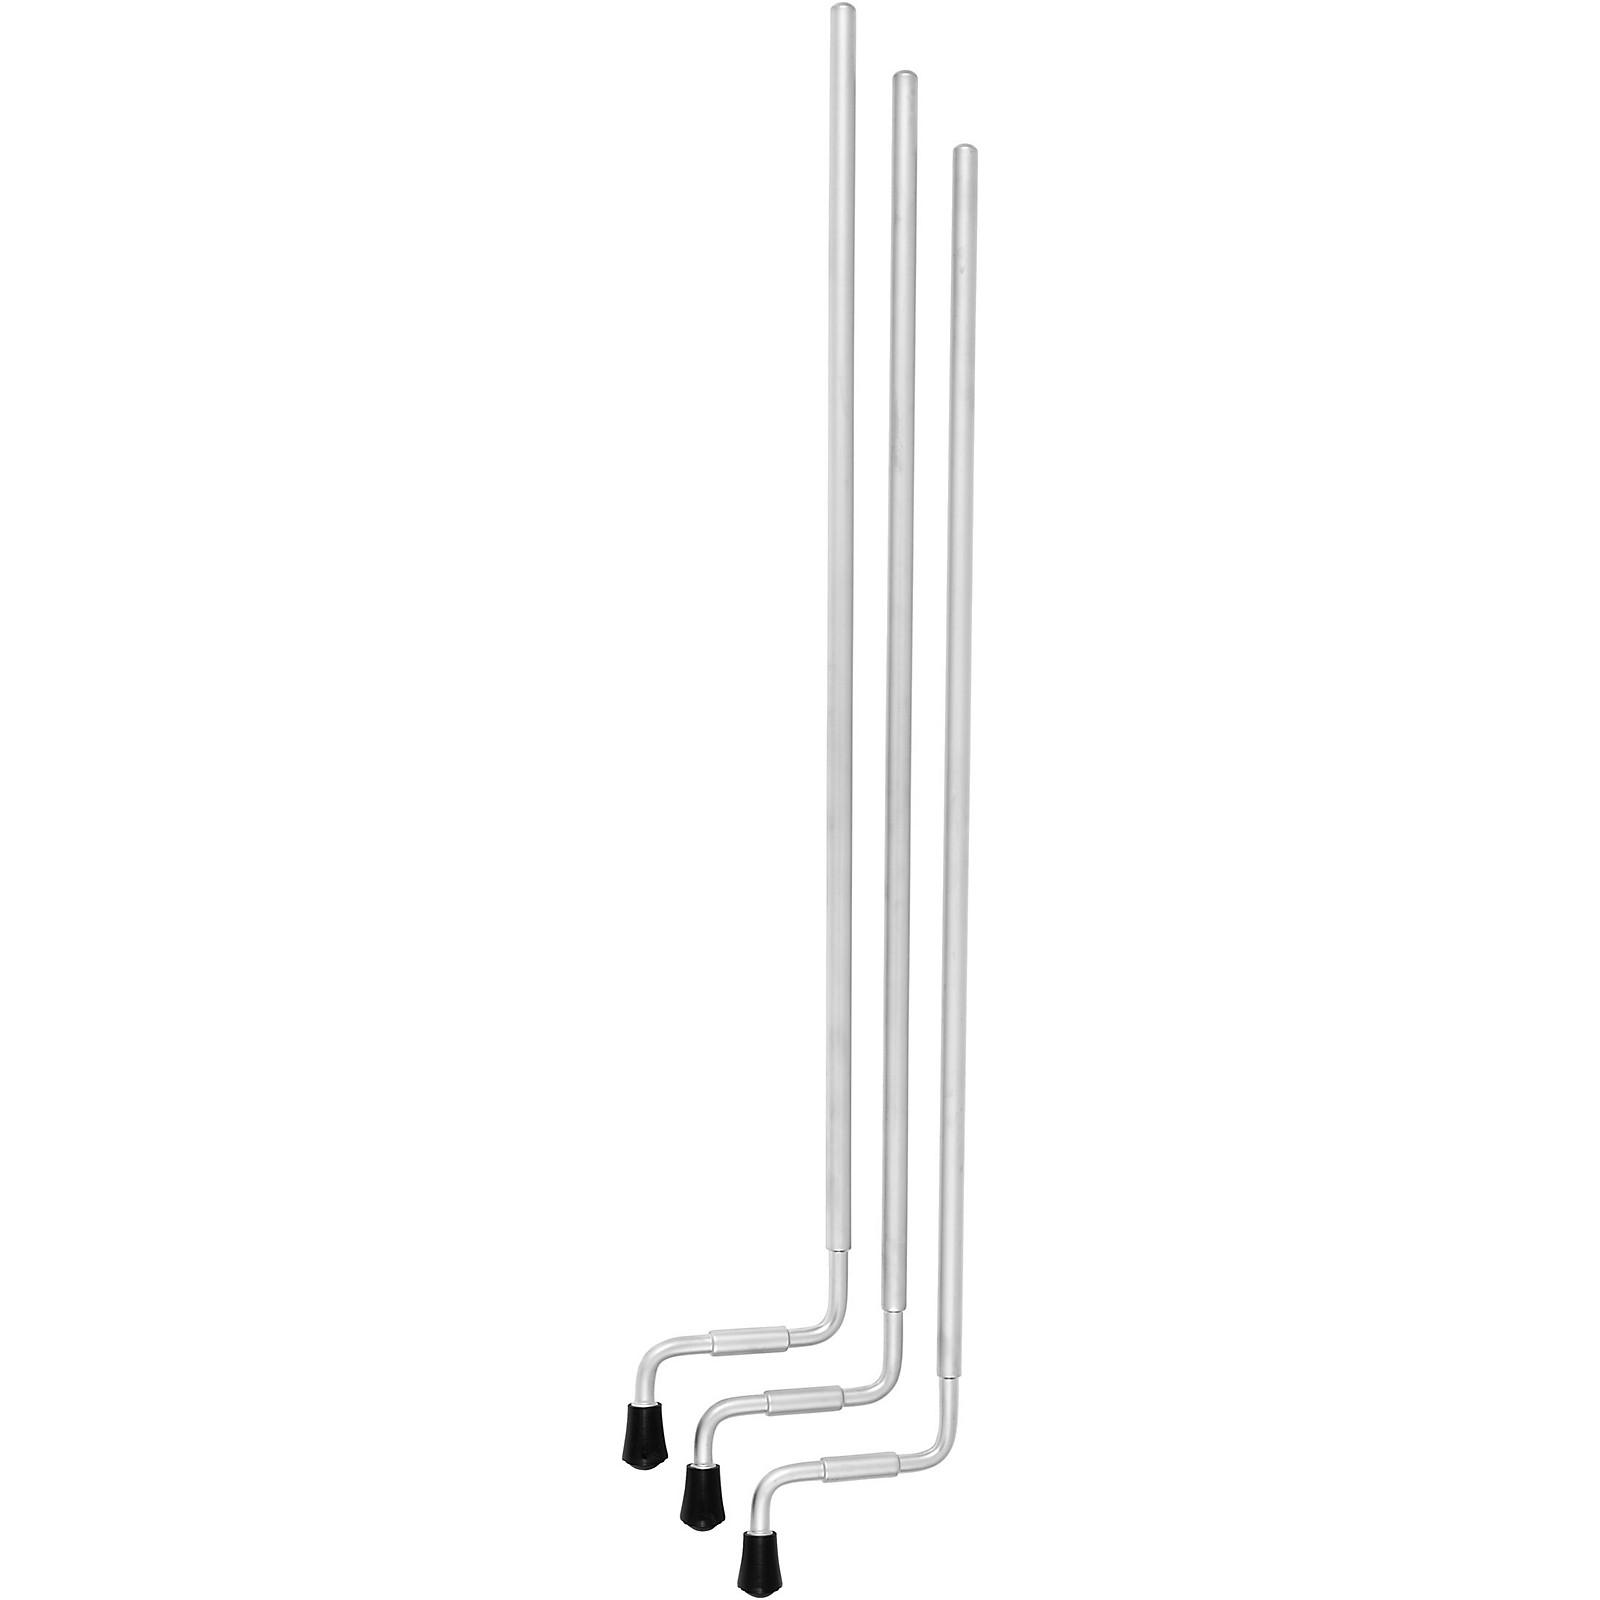 DW Aluminum Full Suspension Floor Tom Legs (Set of 3)